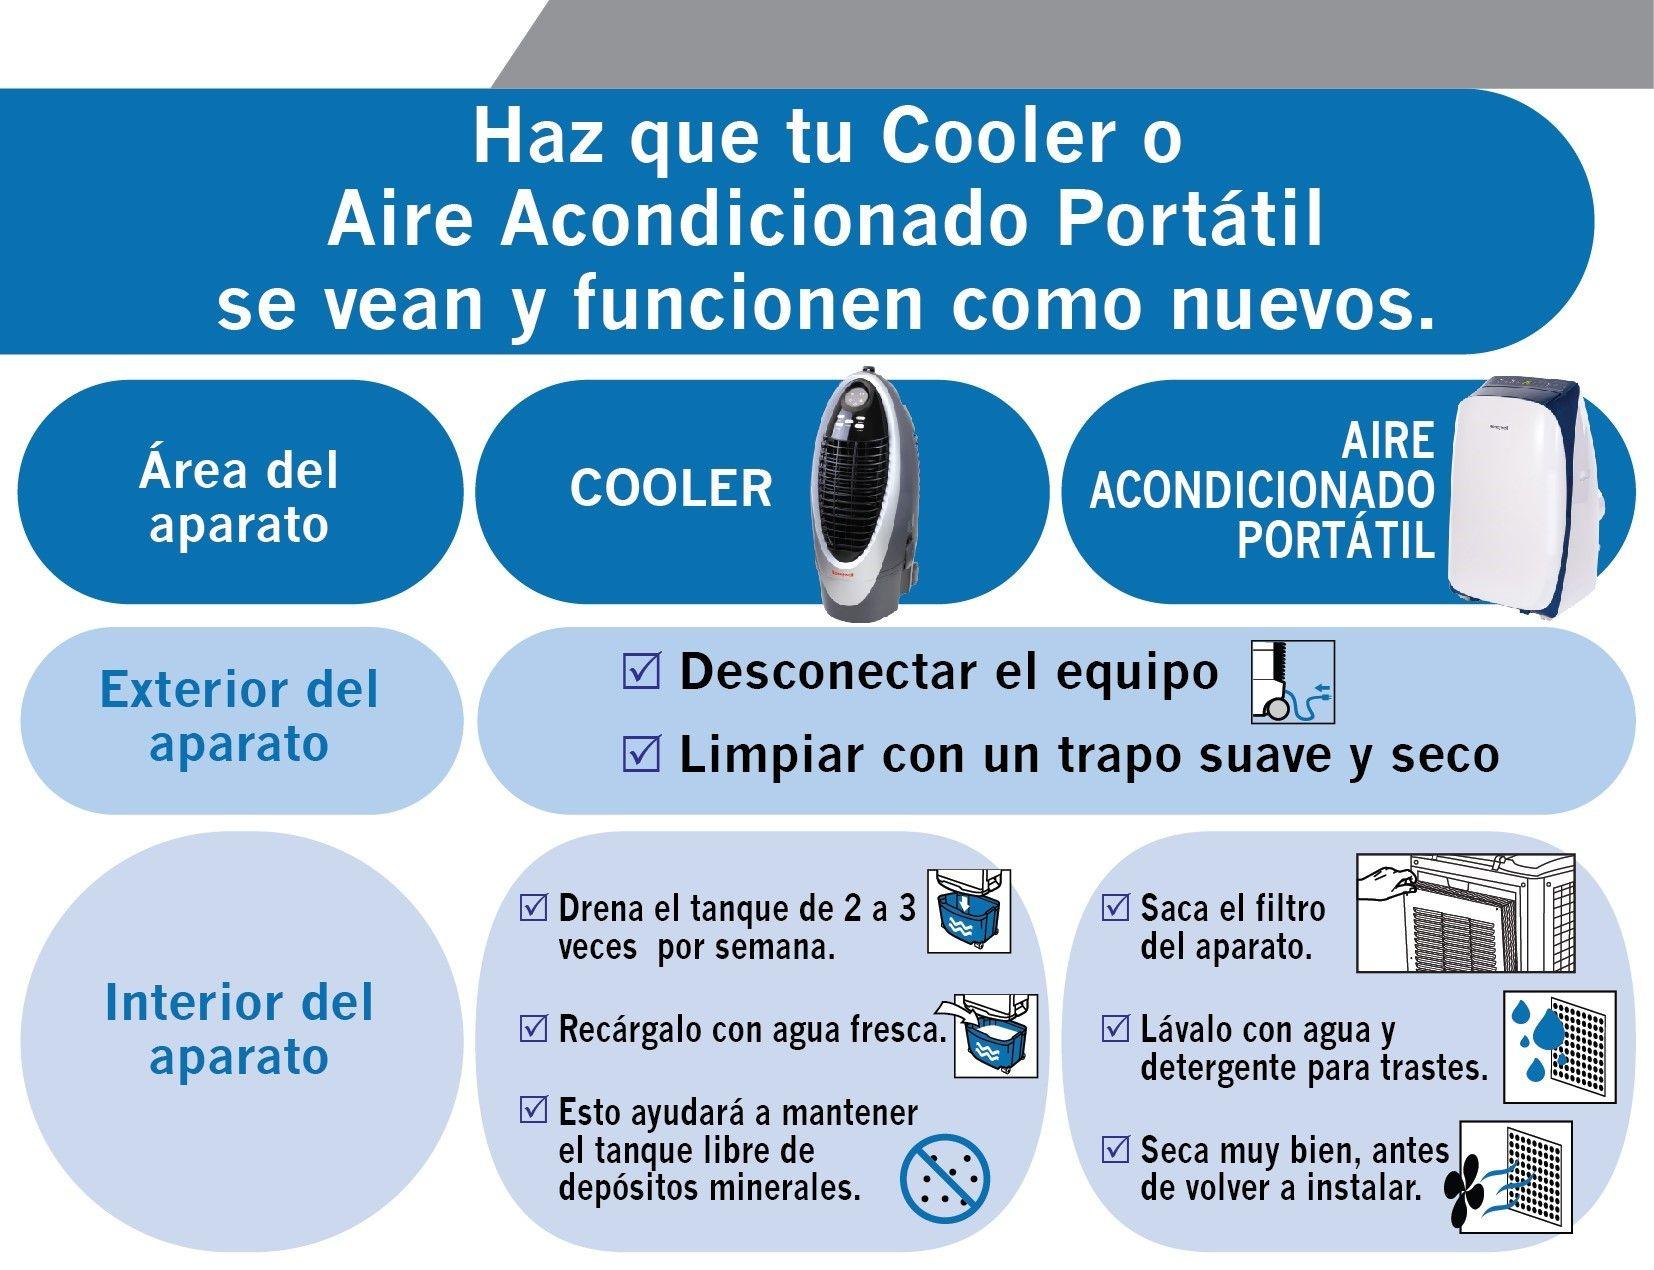 opiniones sobre coolair aire acondicionado